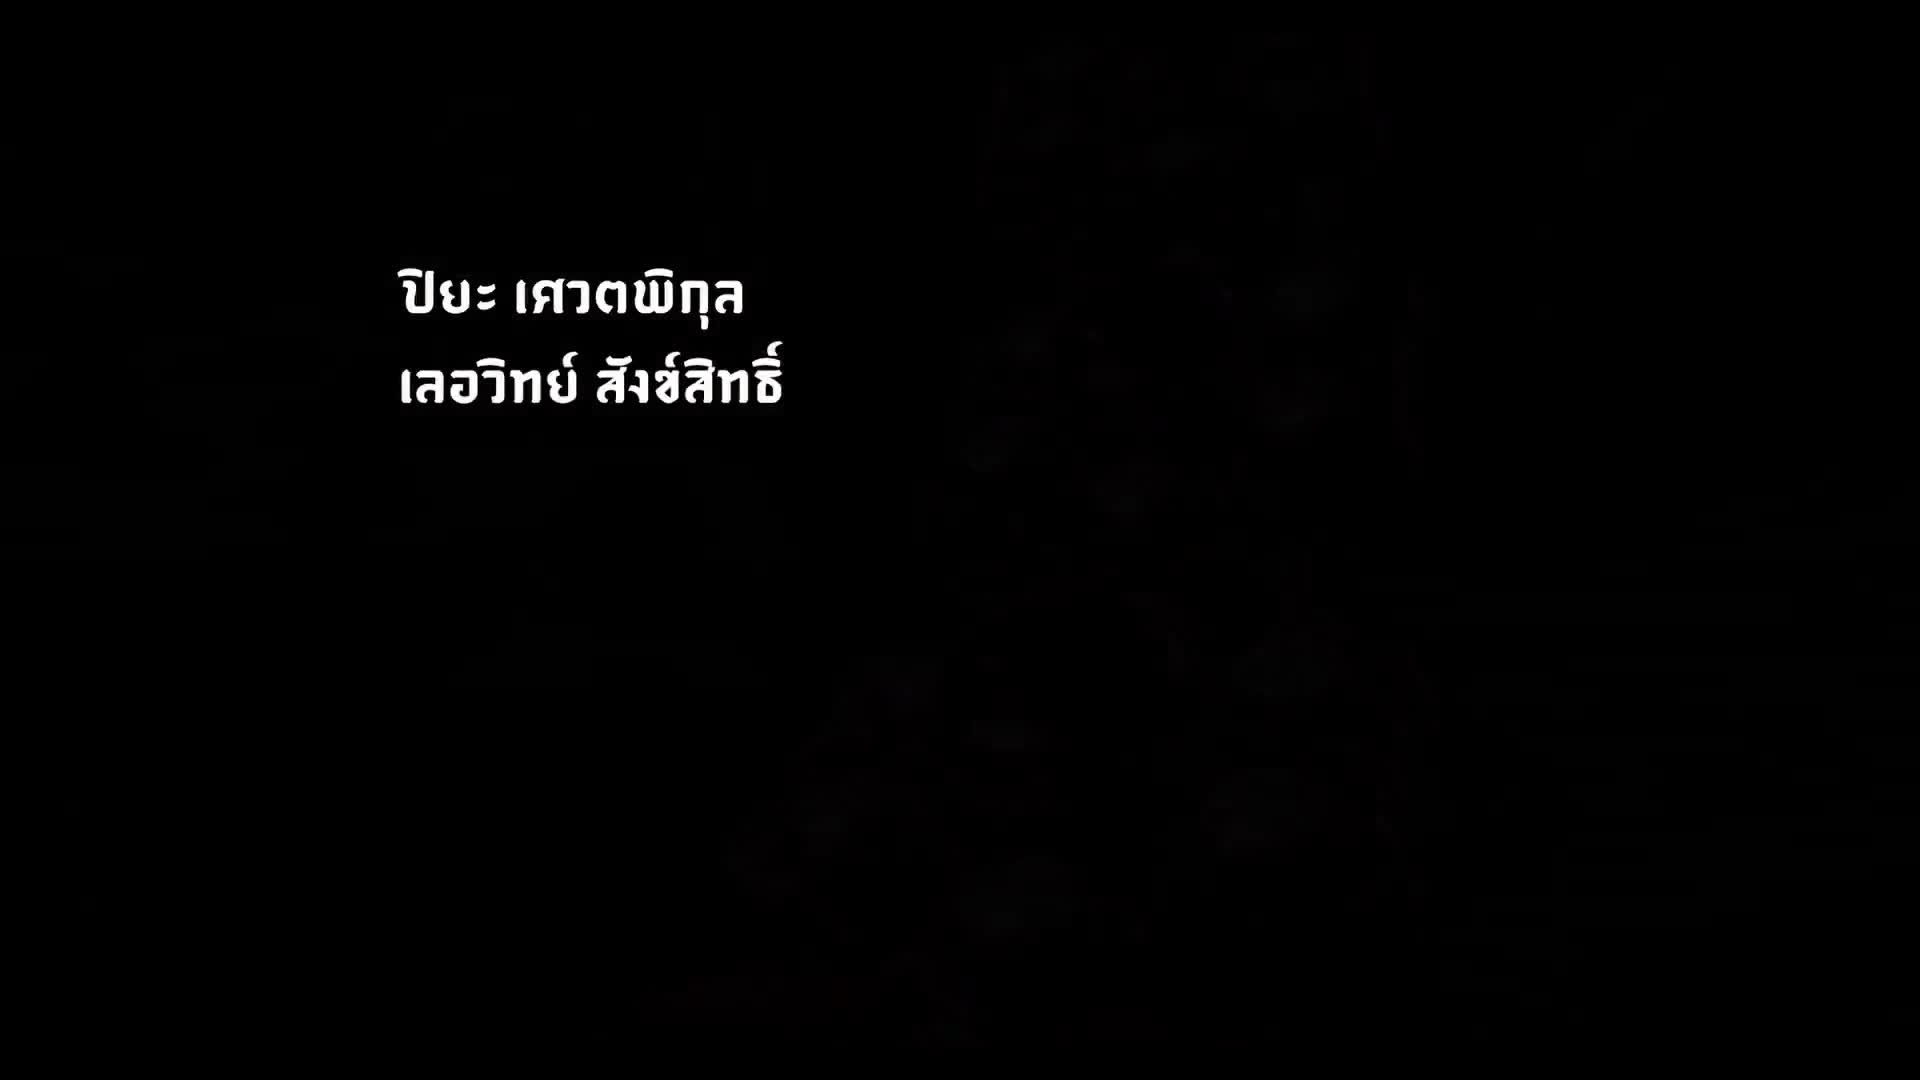 Sri Ayodhaya 2